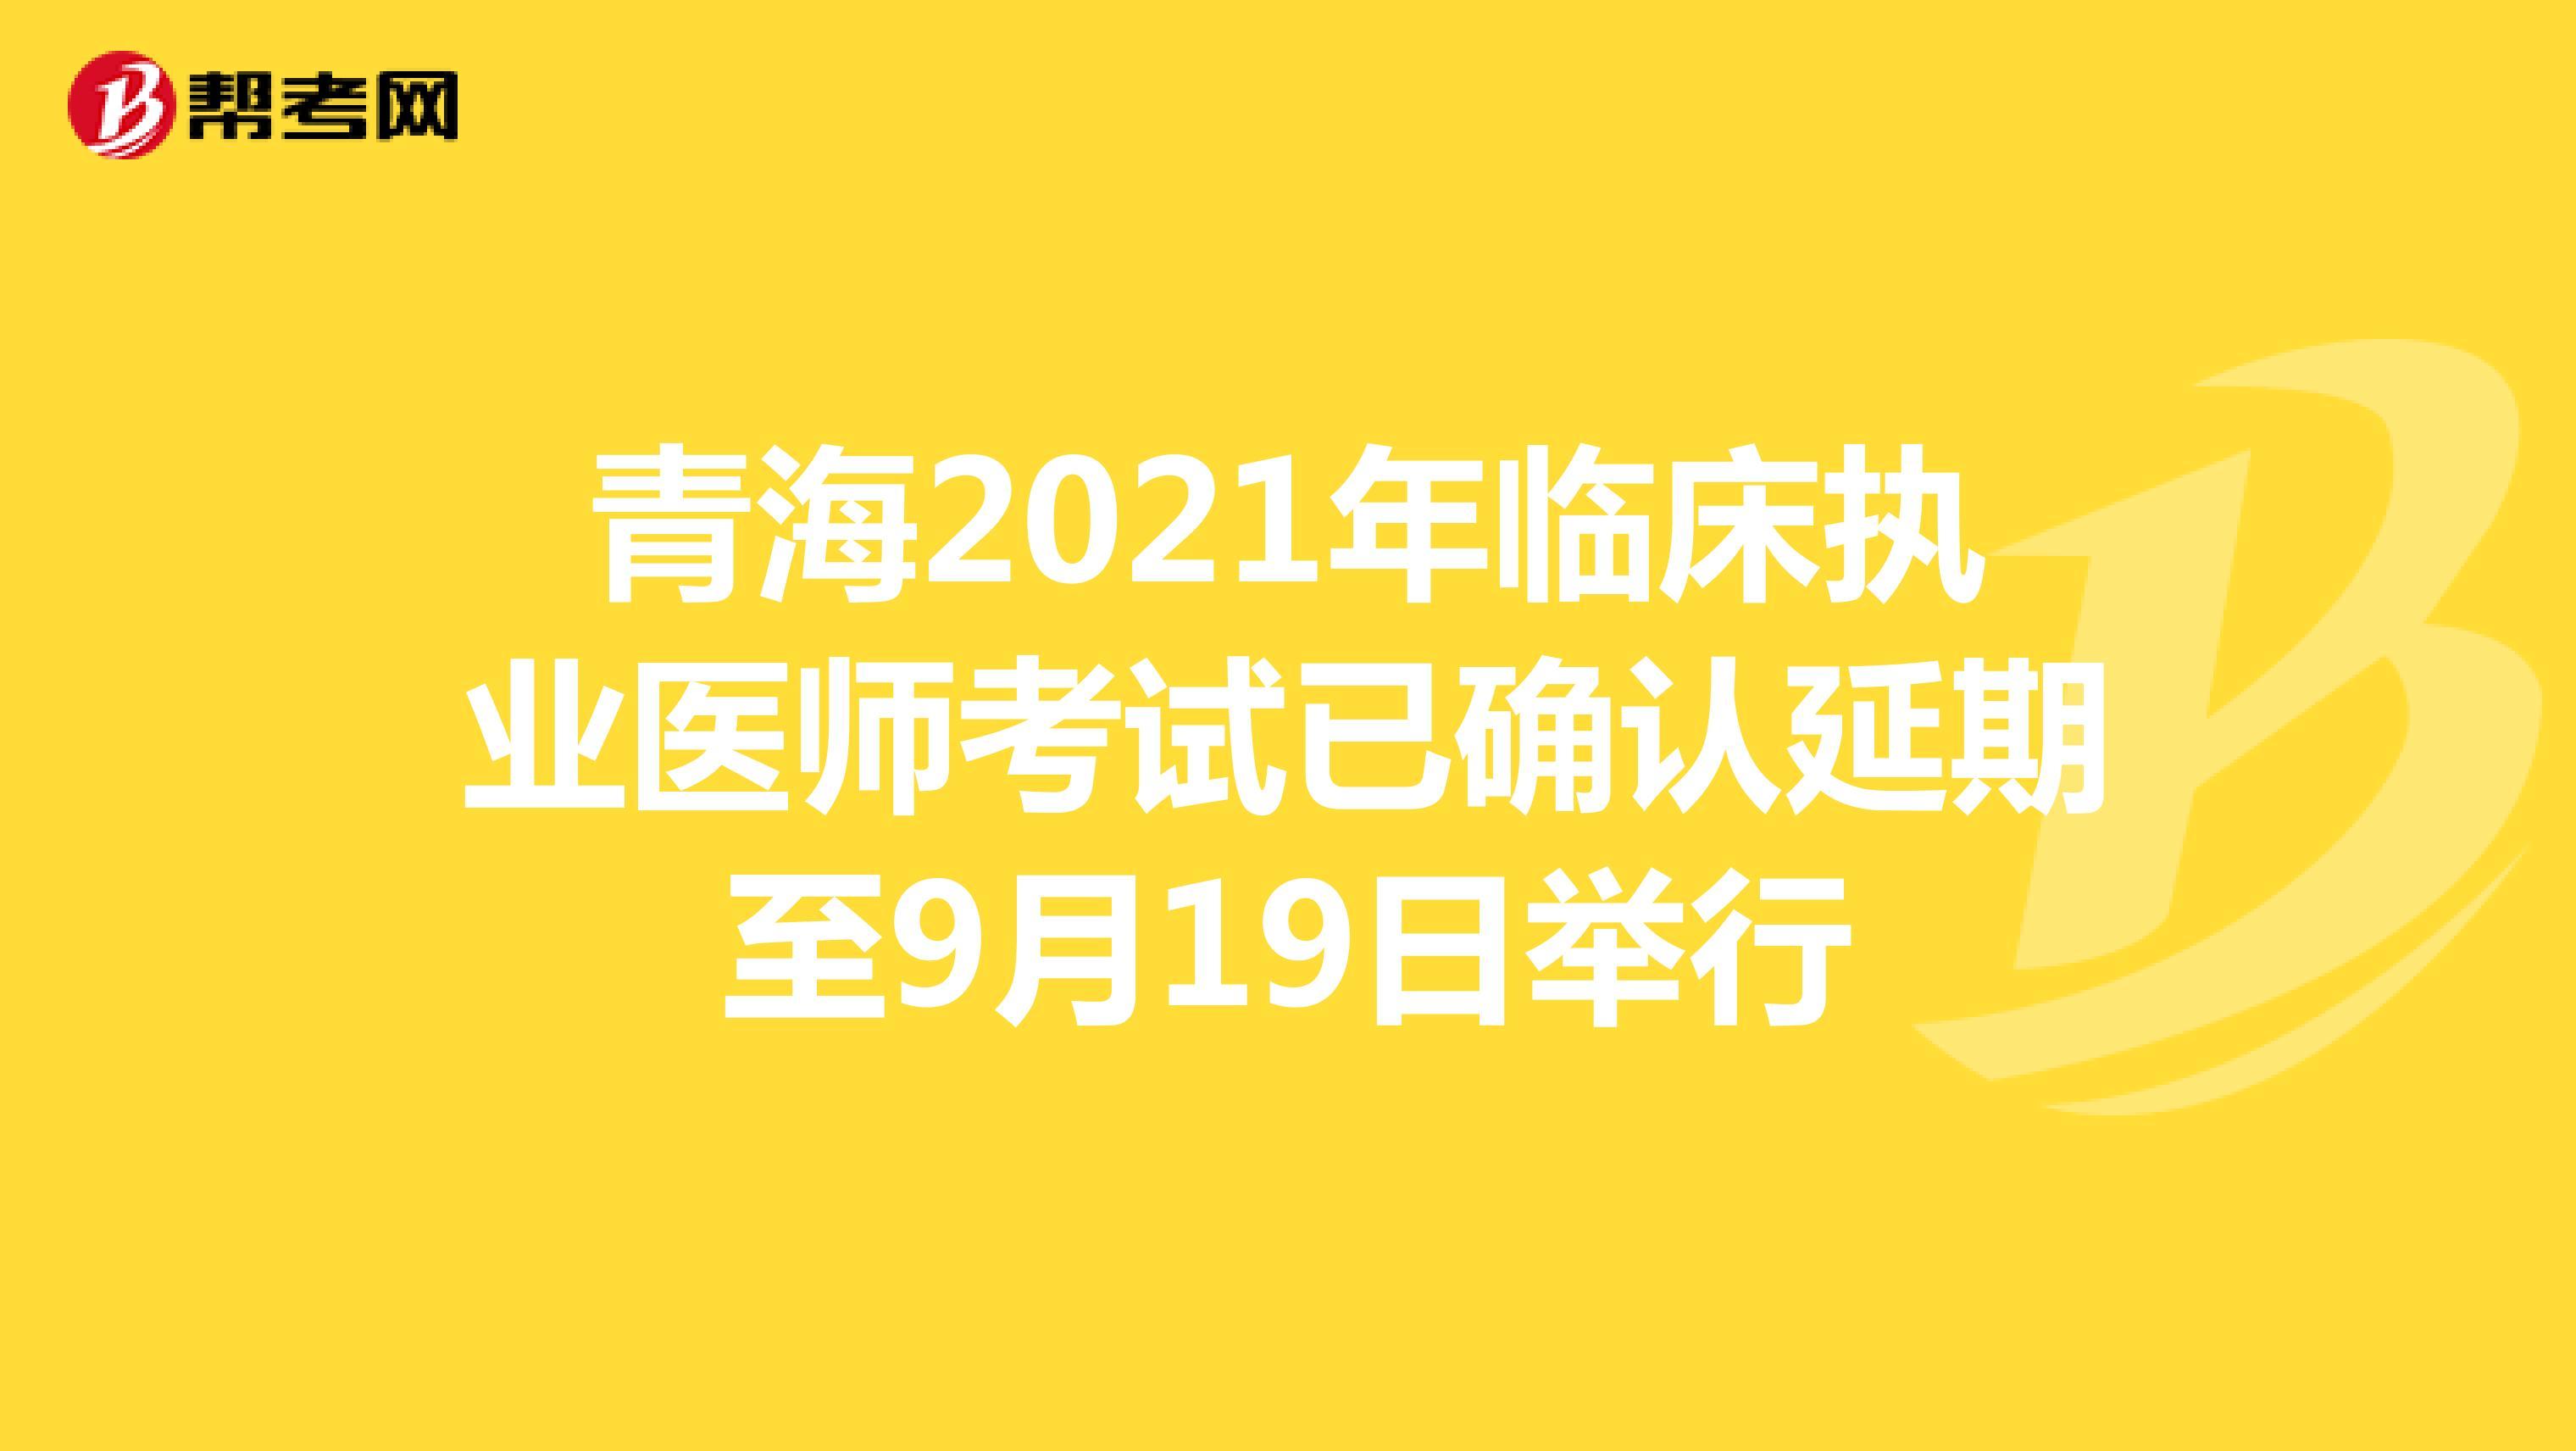 青海2021年临床执业医师考试已确认延期至9月19日举行